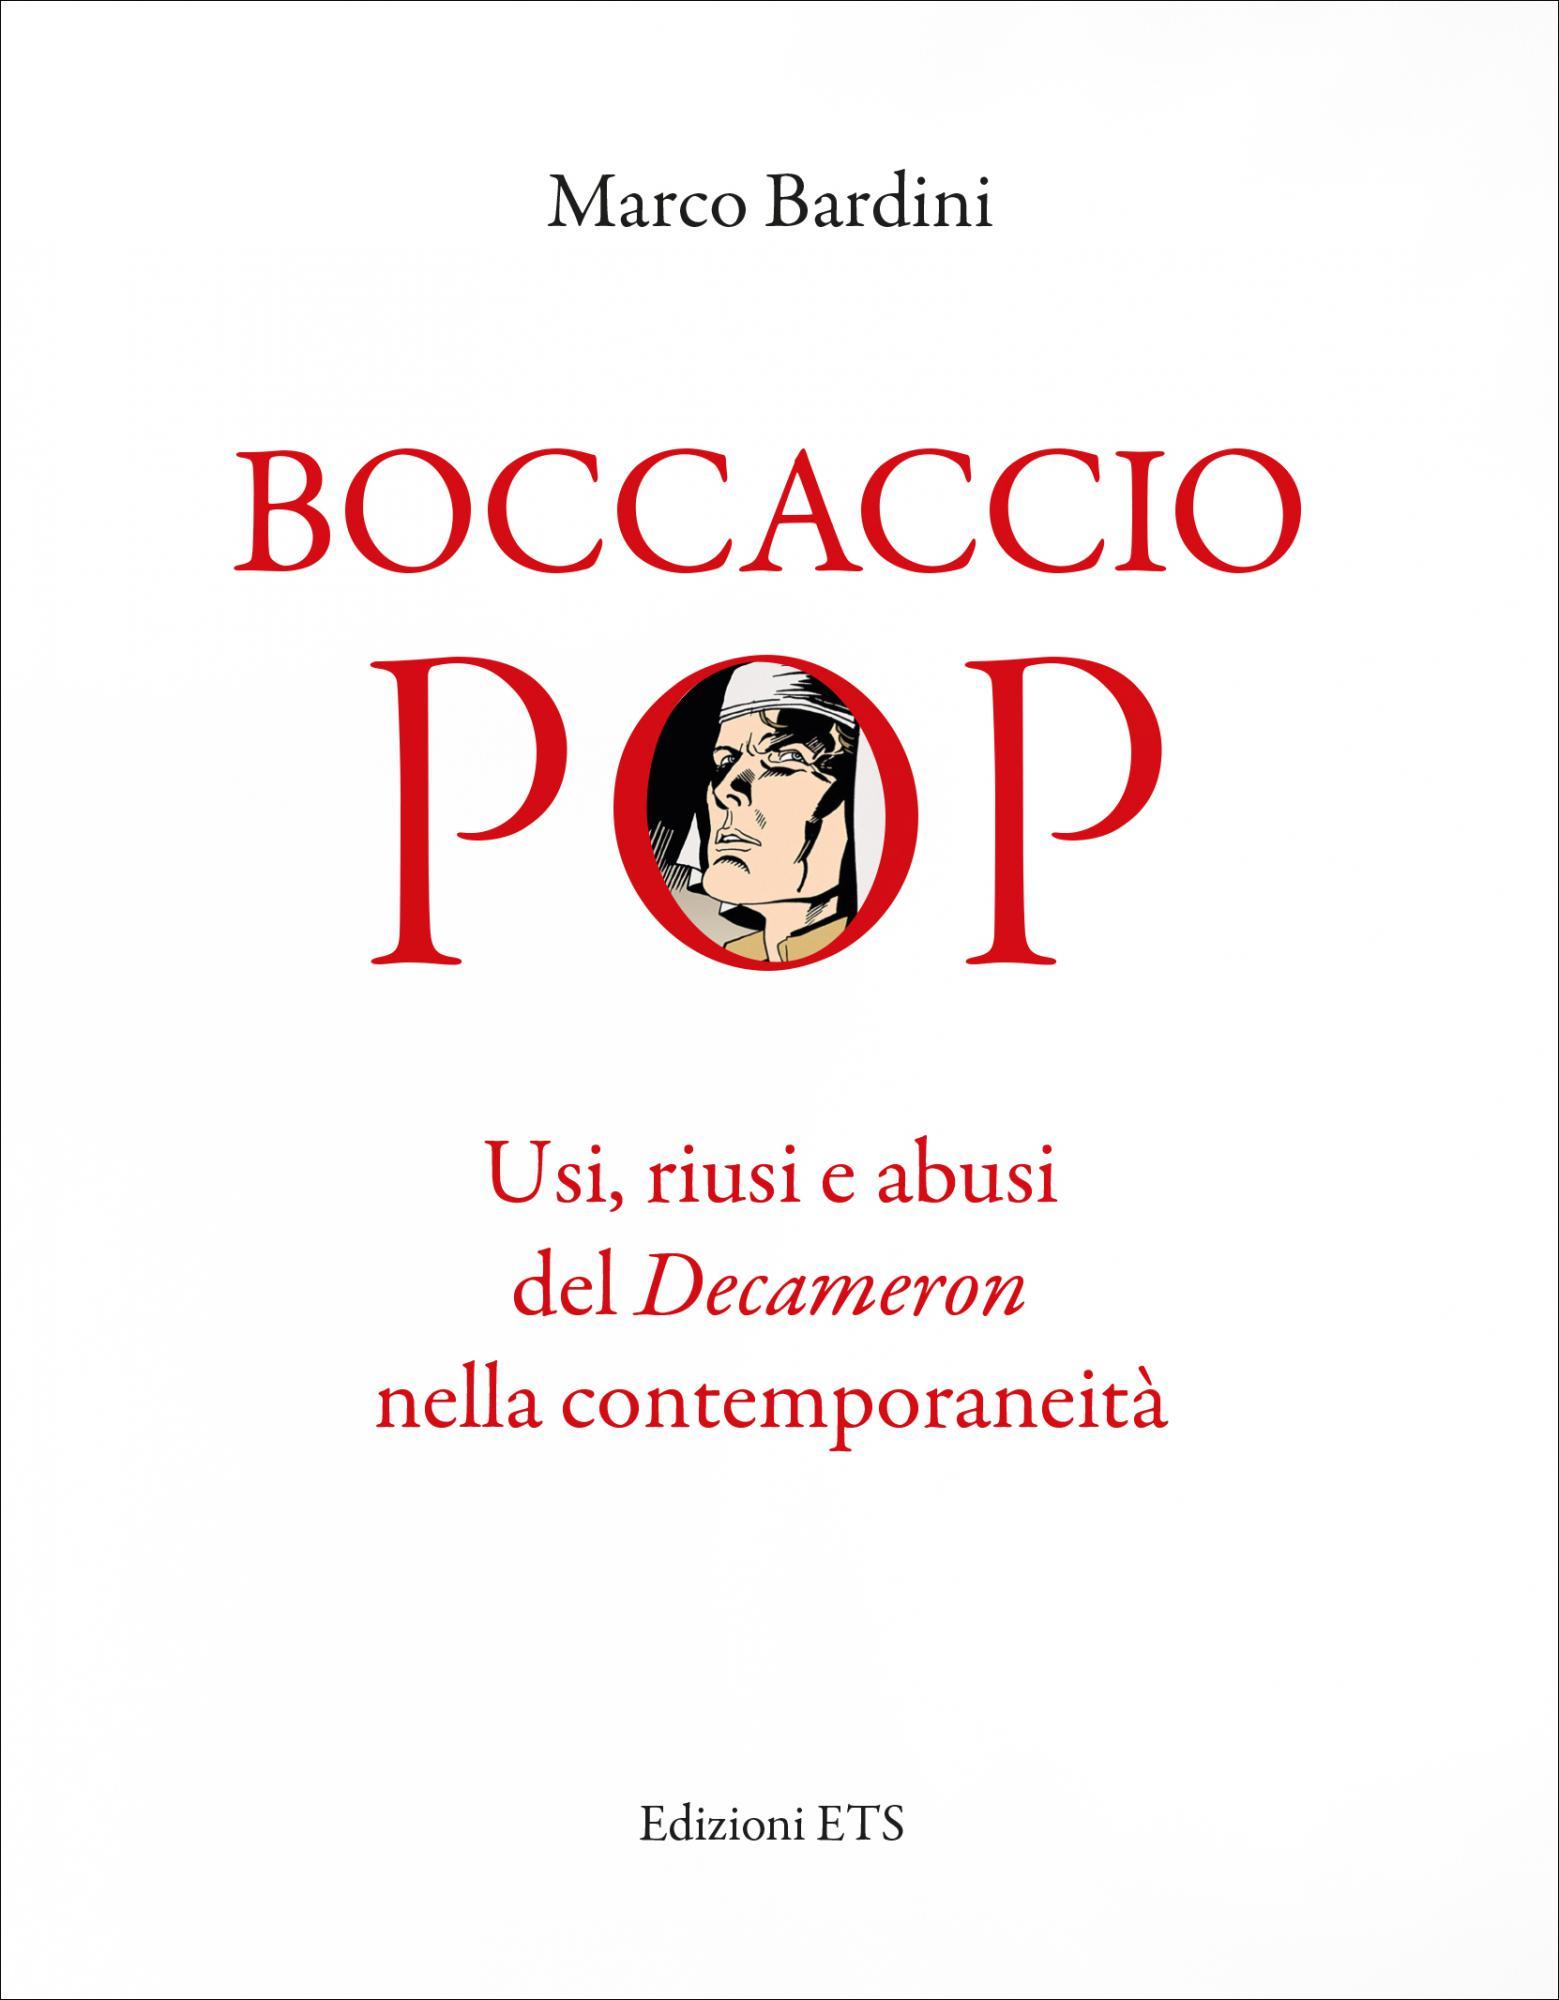 Boccaccio pop.Usi, riusi e abusi del Decameron nella contemporaneità